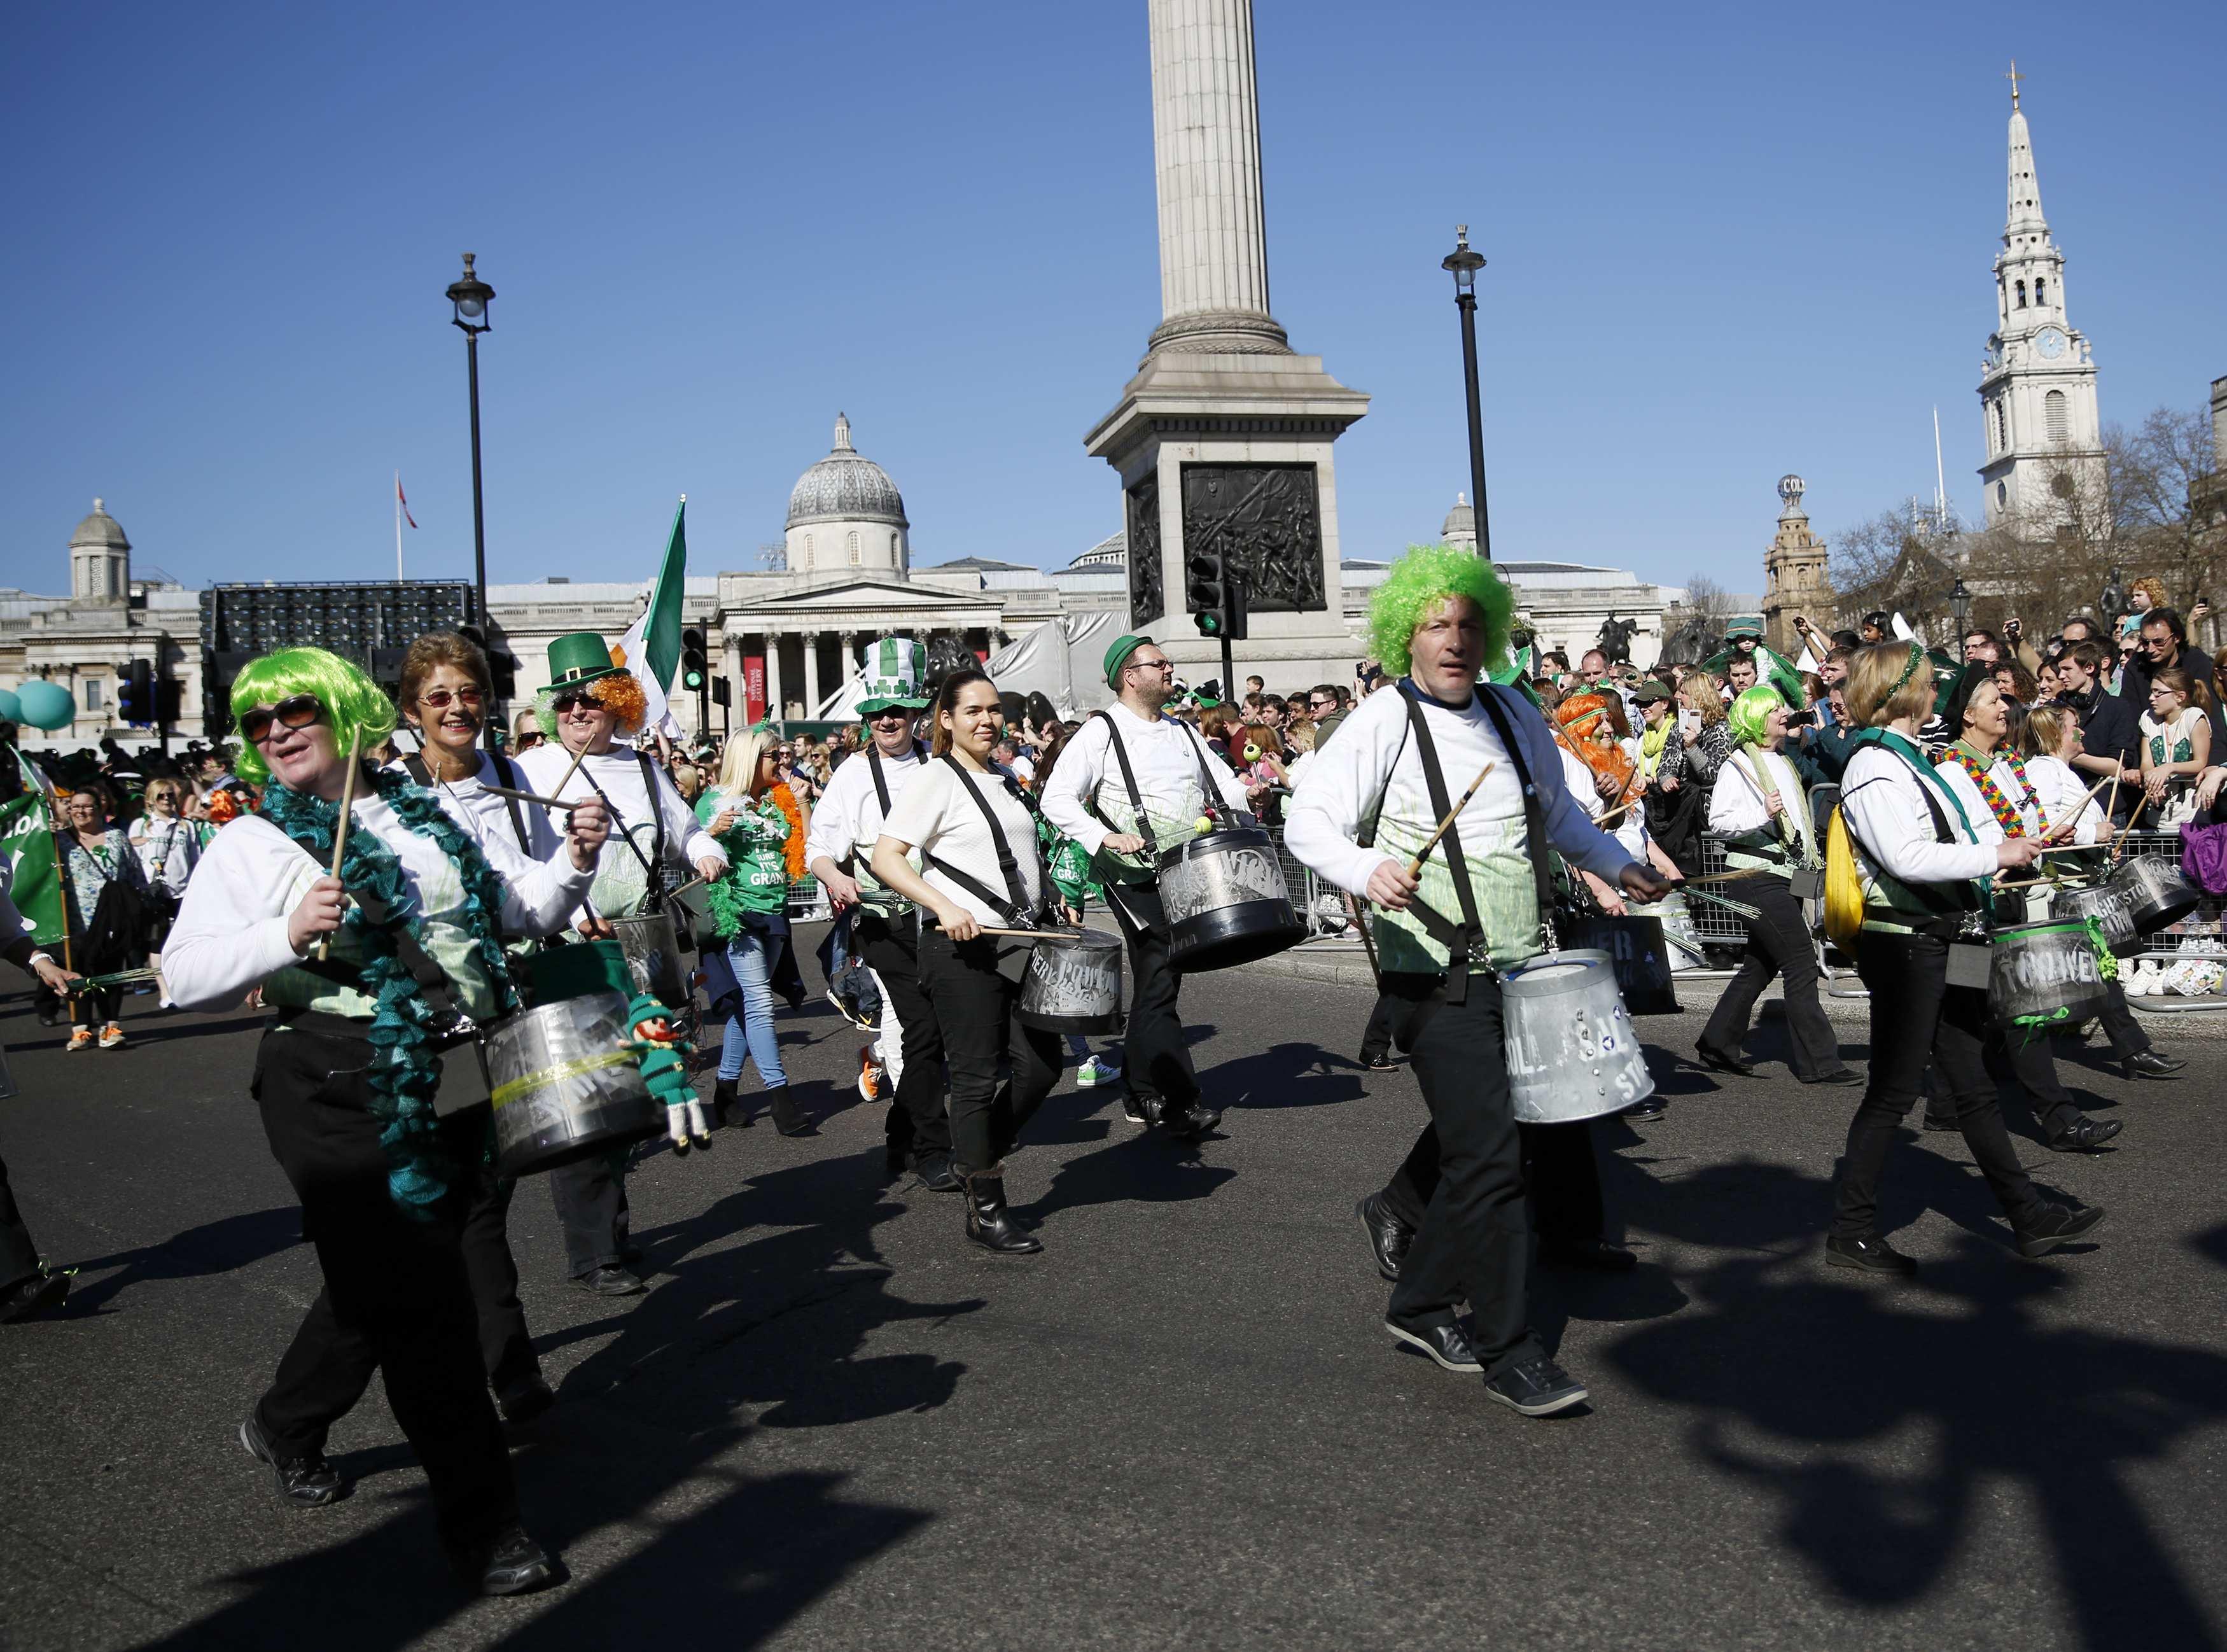 Banda tradicional irlandesa participa da parada pelo Dia de São Patrício, em Londres, na Inglaterra | Olivia Harris /Reuters